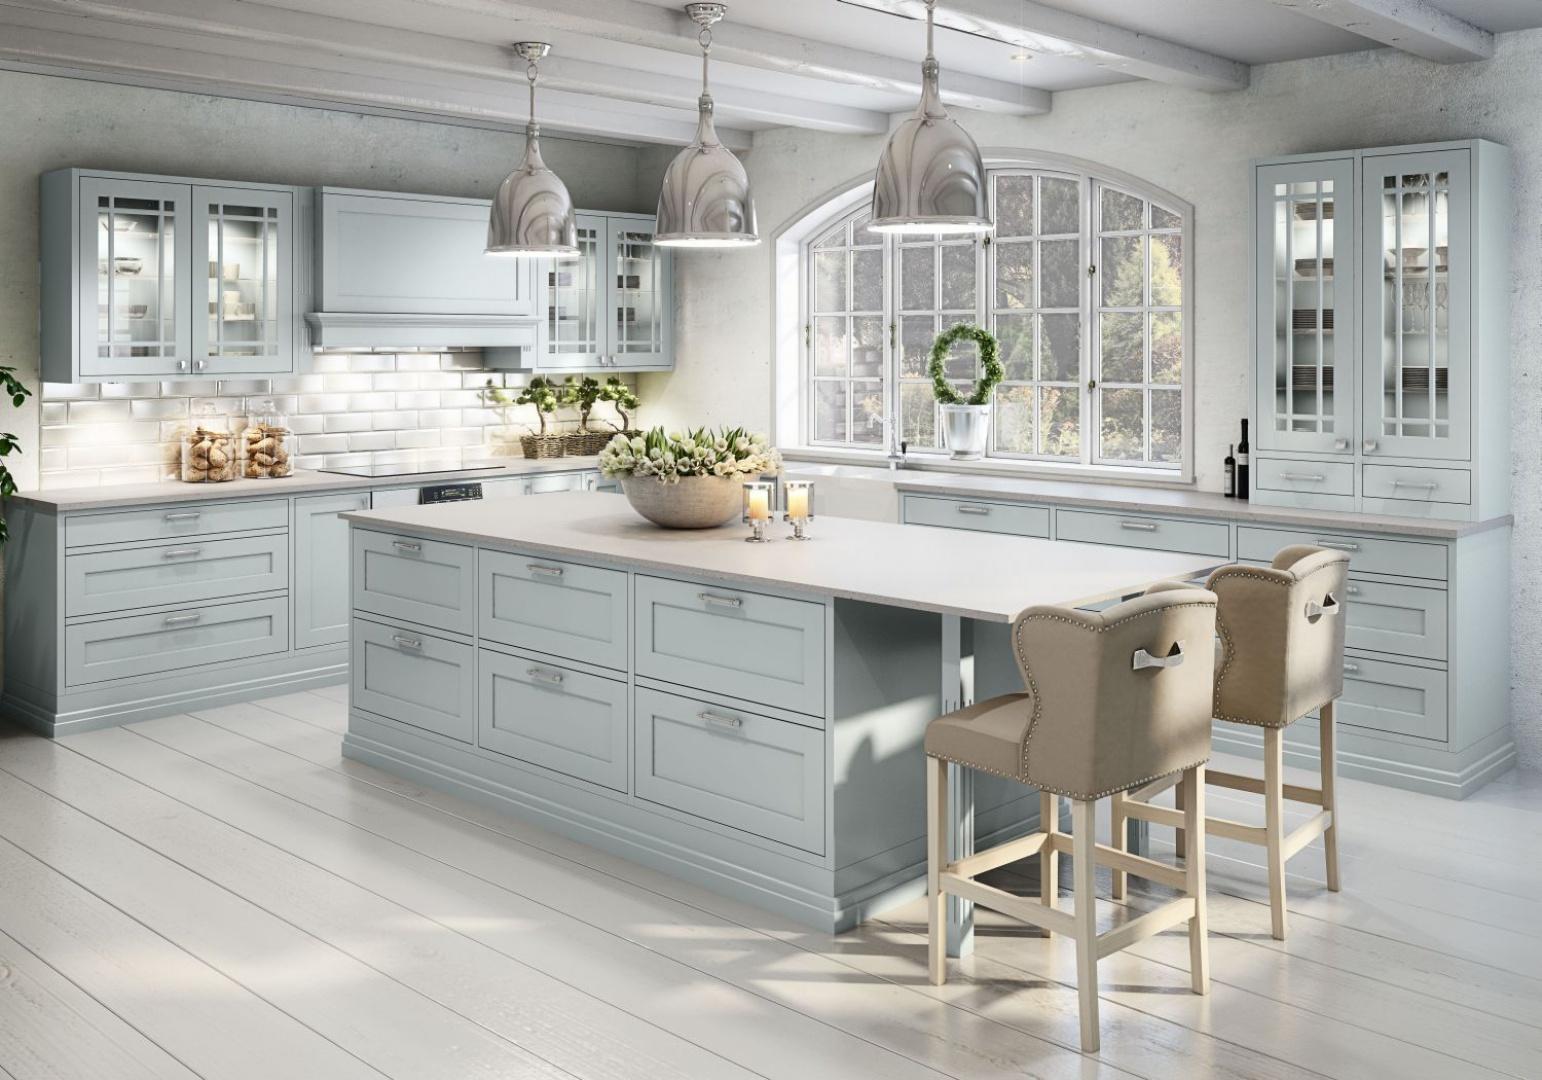 Delikatnie frezowane fronty mebli kuchennych mają kolor wyblakłego błękitu - klasycznej barwy typowej dla prowansalskich kuchni. Przytulny klimat budują również przeszklone szafki górne, dodatkowo zwieńczone ozdobnymi szprosami. Fot. Sigdal.